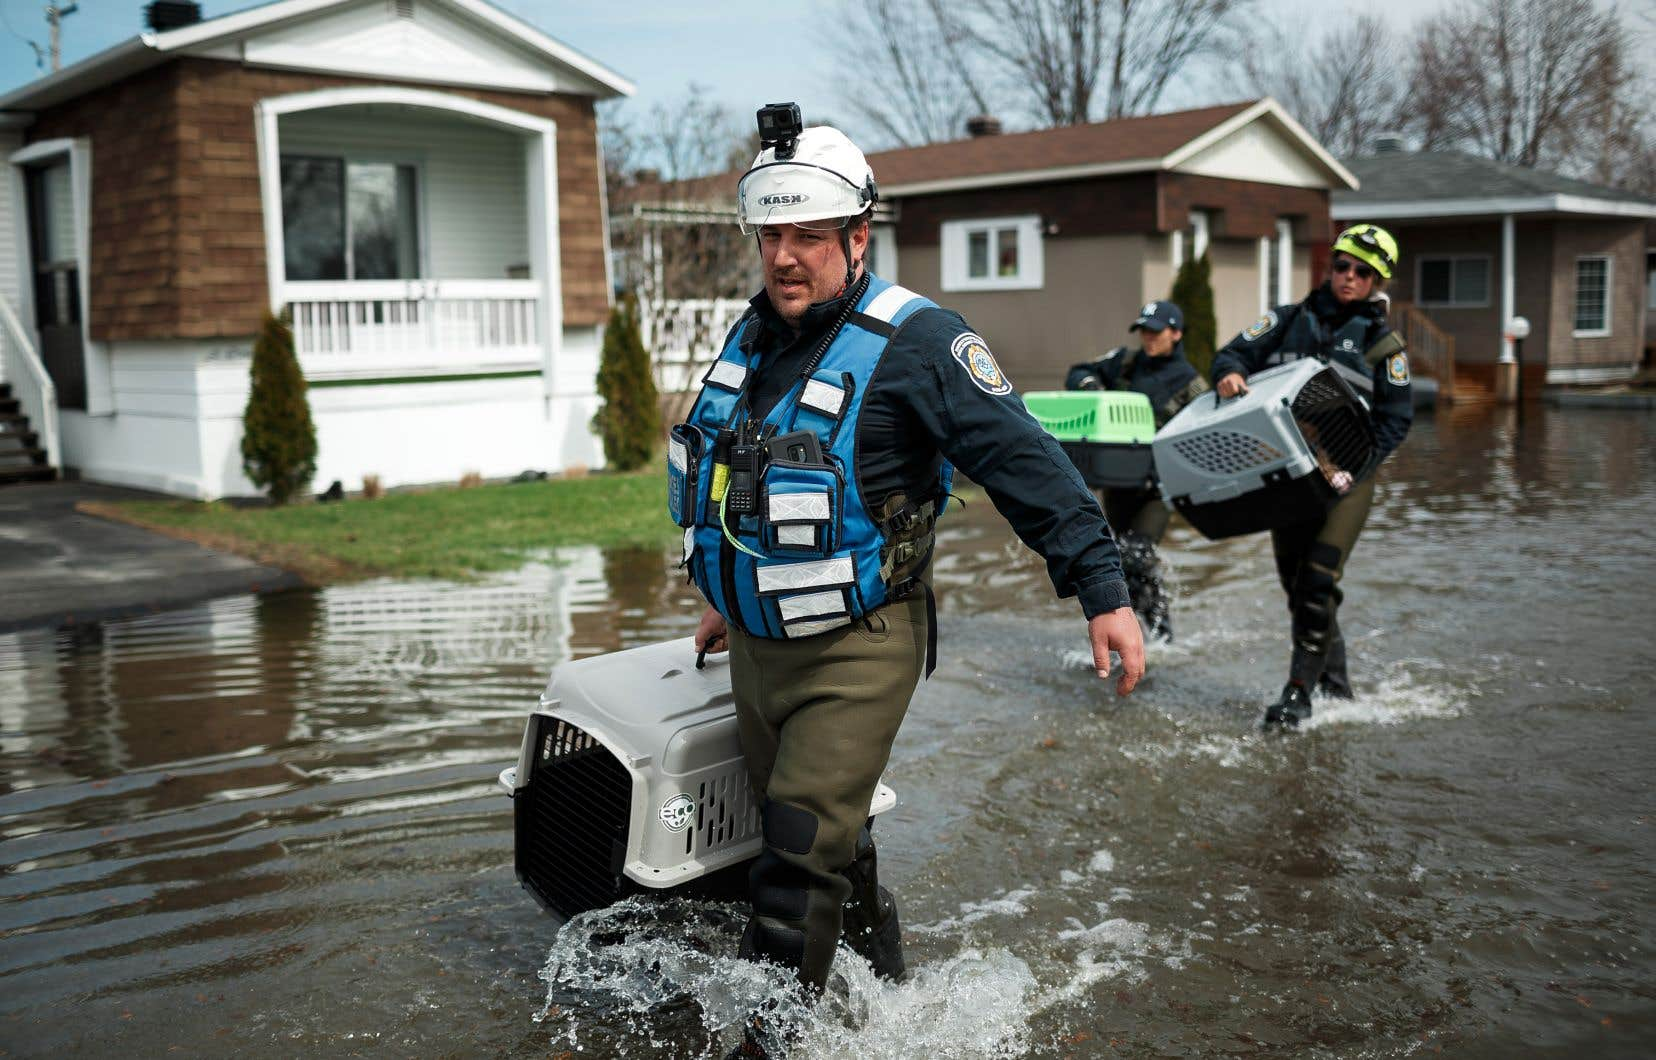 Certains évacués ont pu récupérer les animaux qu'ils avaient dû laisser derrière eux au moment d'évacuer leur résidence.